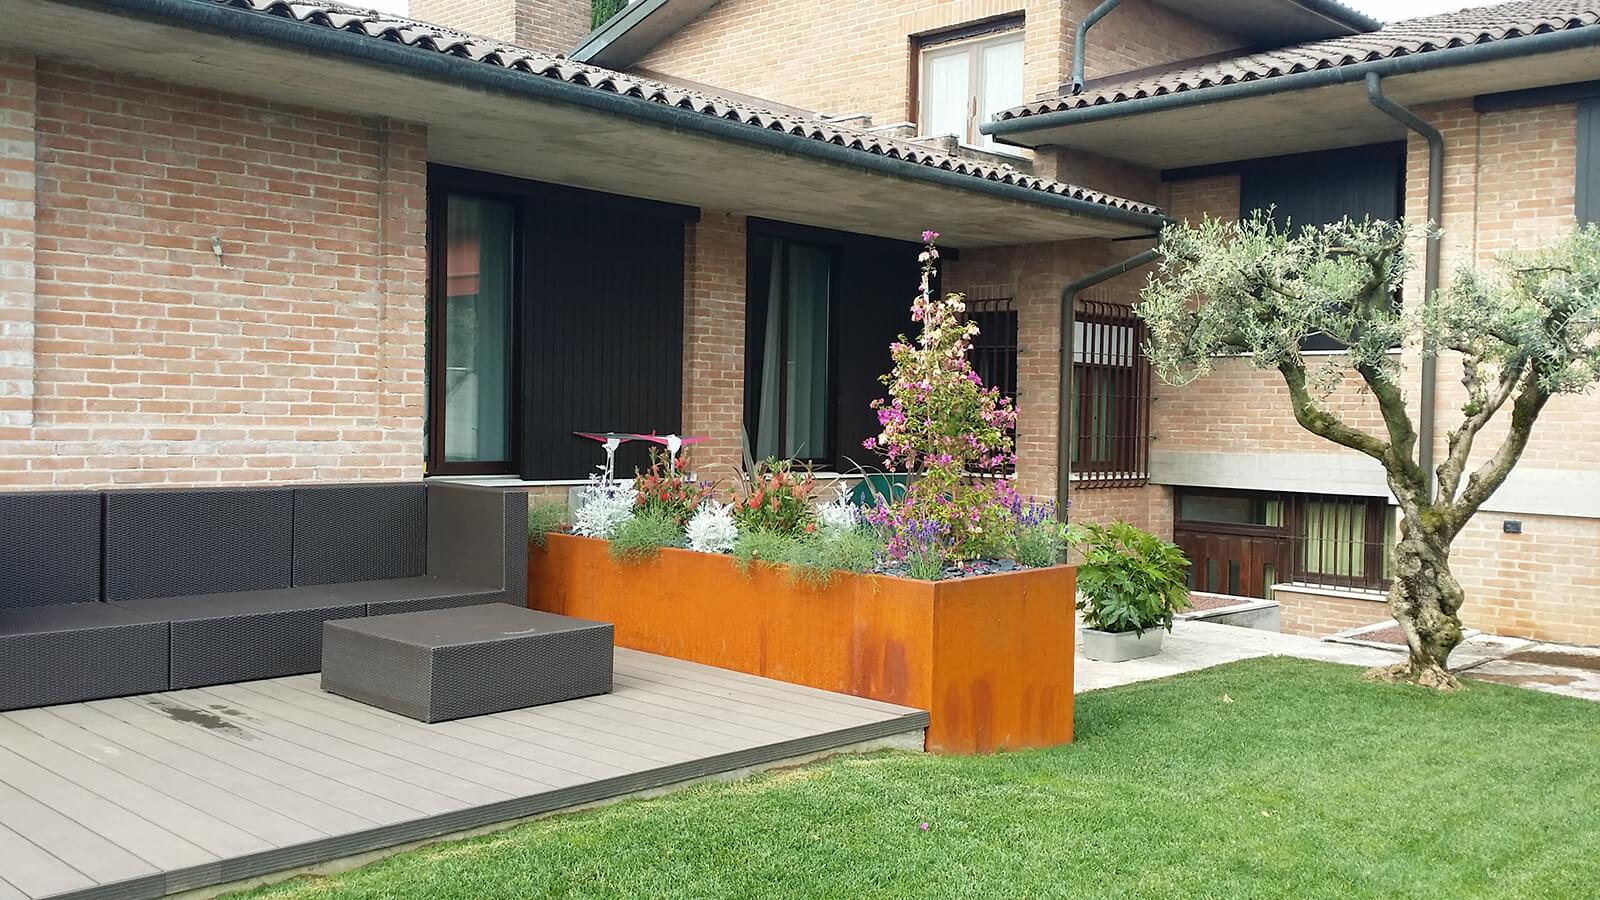 progettazione realizzazione giardini sandrigo - verde blu giardini 4